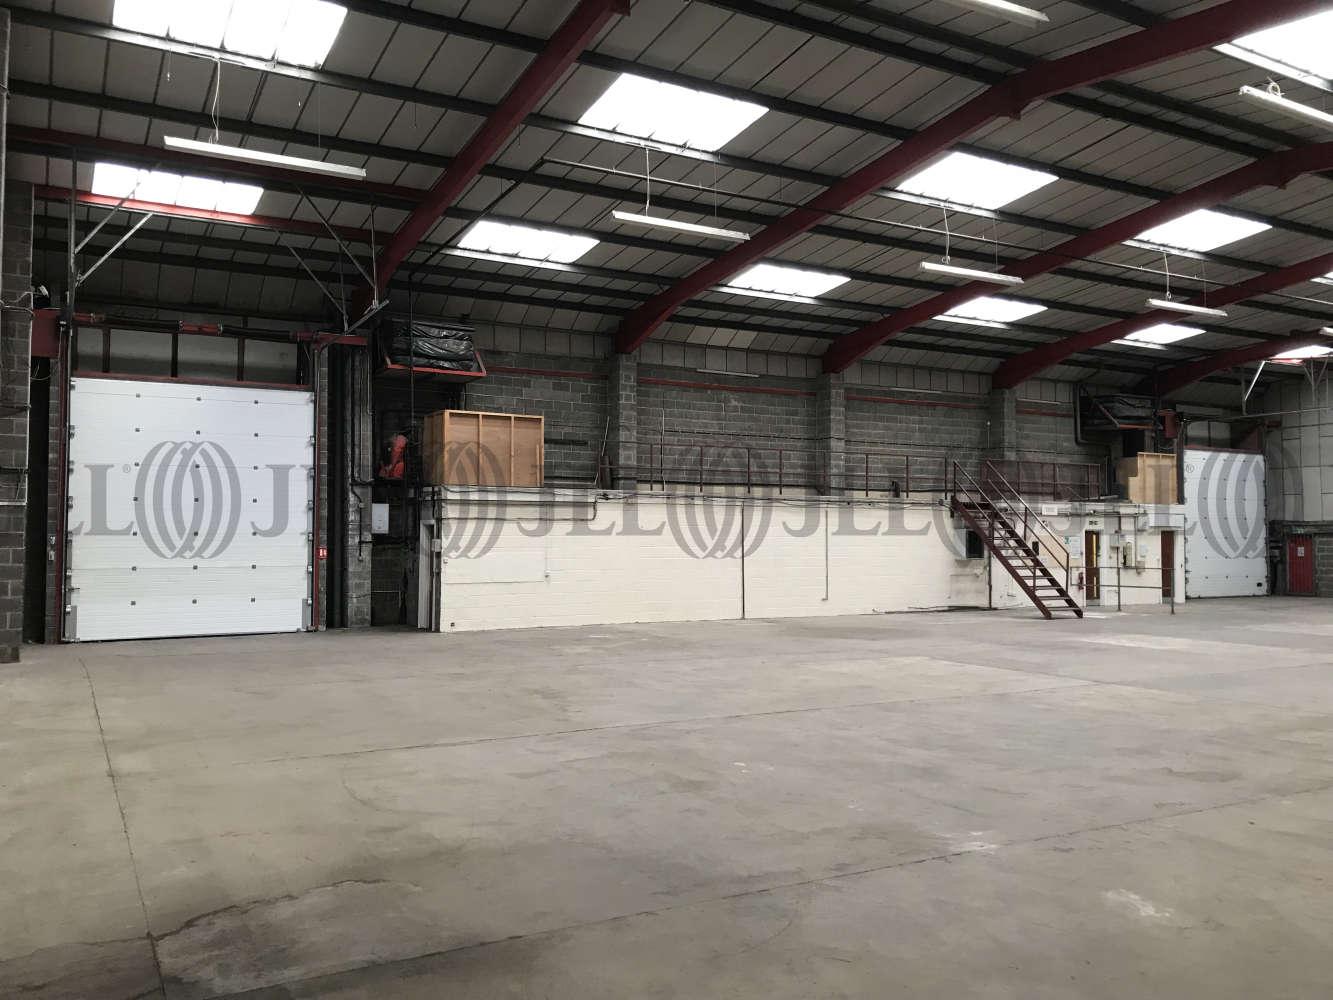 Industrial and logistics Leeds, LS14 2AQ - Unit 2a, Seacroft Industrial & Trade Park - 2